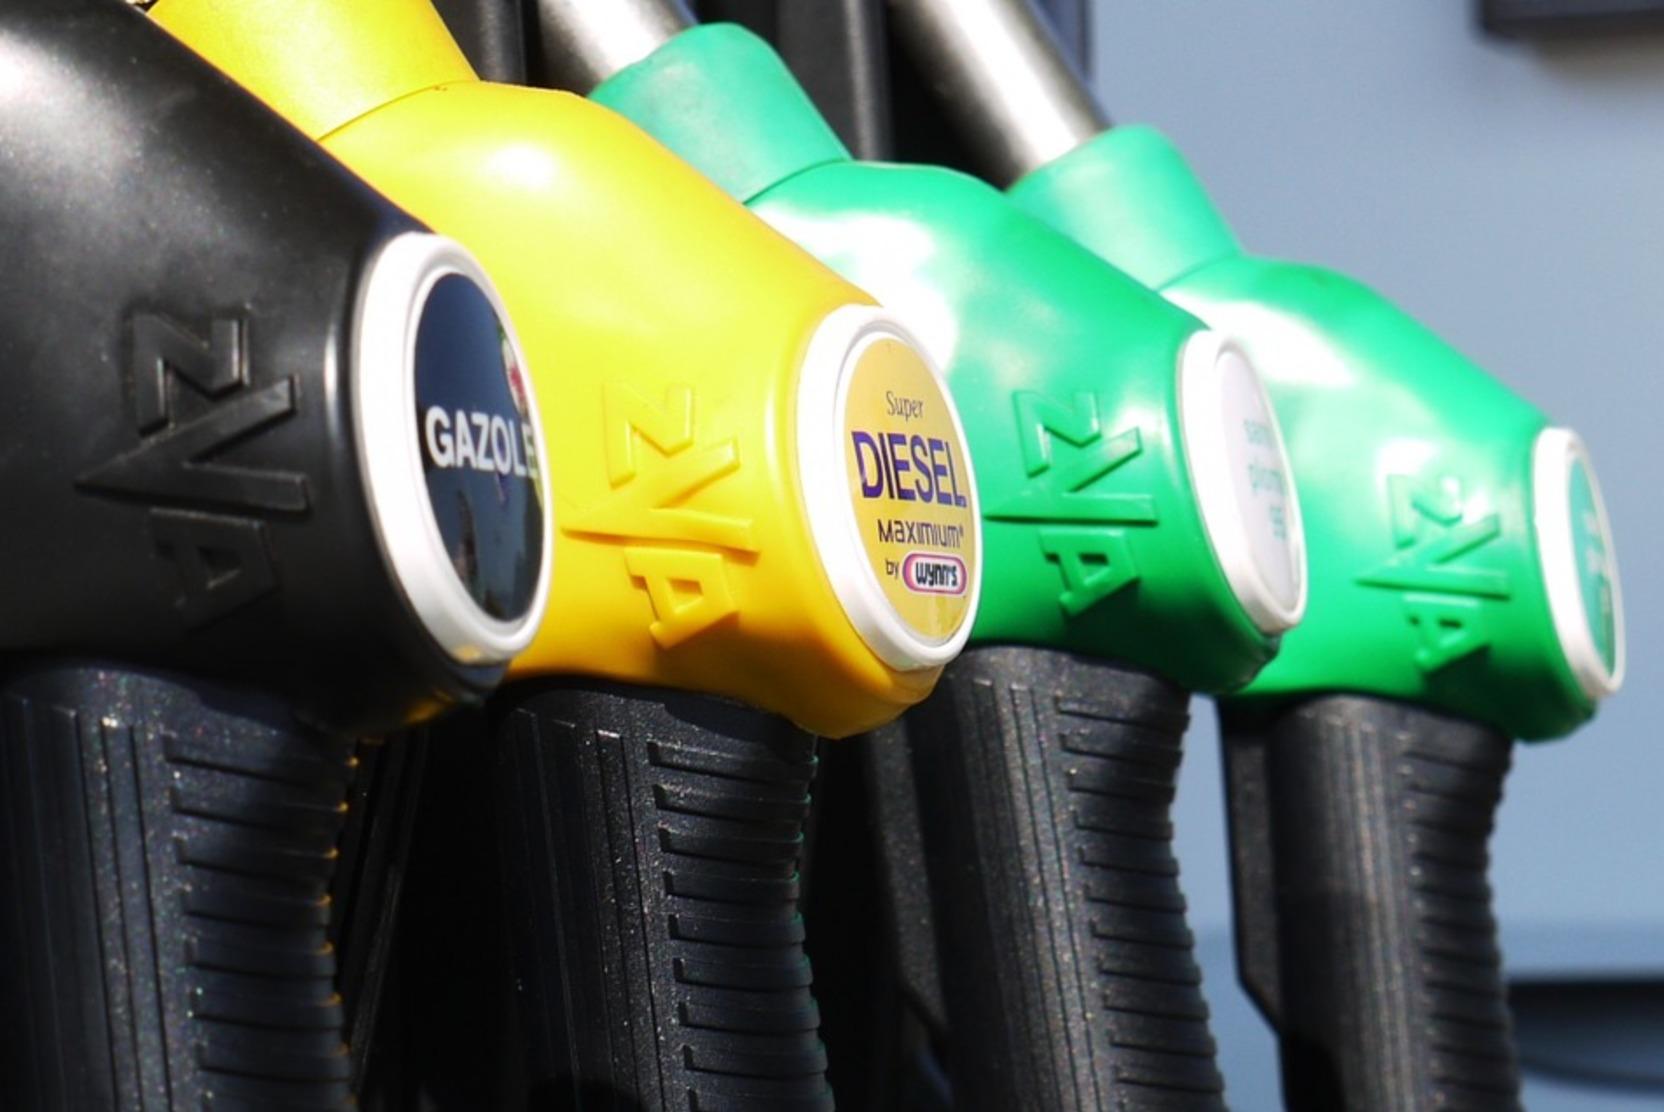 Цены на бензин в России назвали самыми низкими в мире